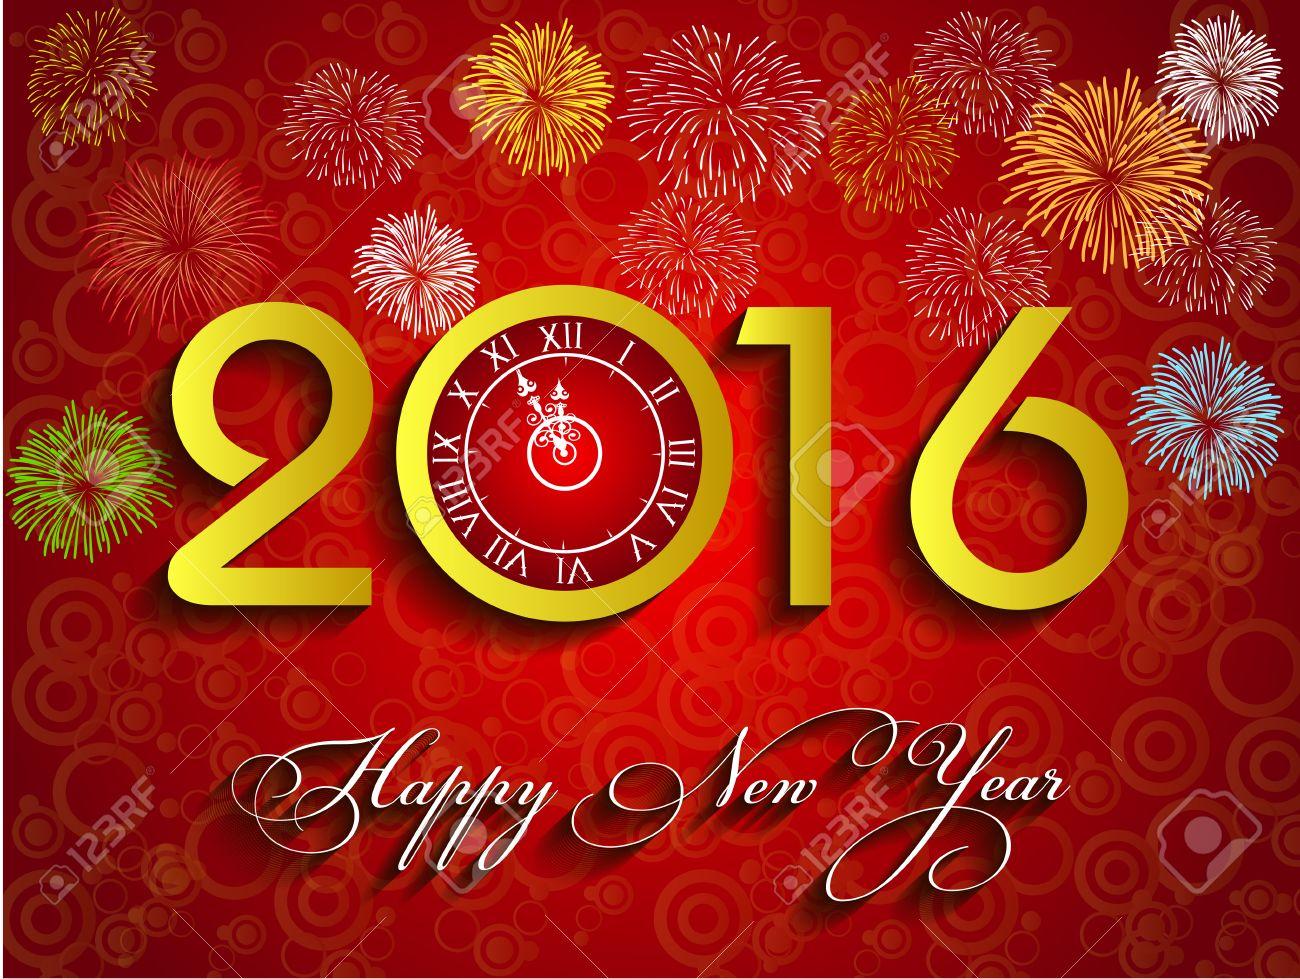 Hi vọng với mỗi hình nền chúc mừng năm mới đến này sẽ mang đến cho bạn một không khí chào đón năm mới vui vẻ và thú vị nhất.